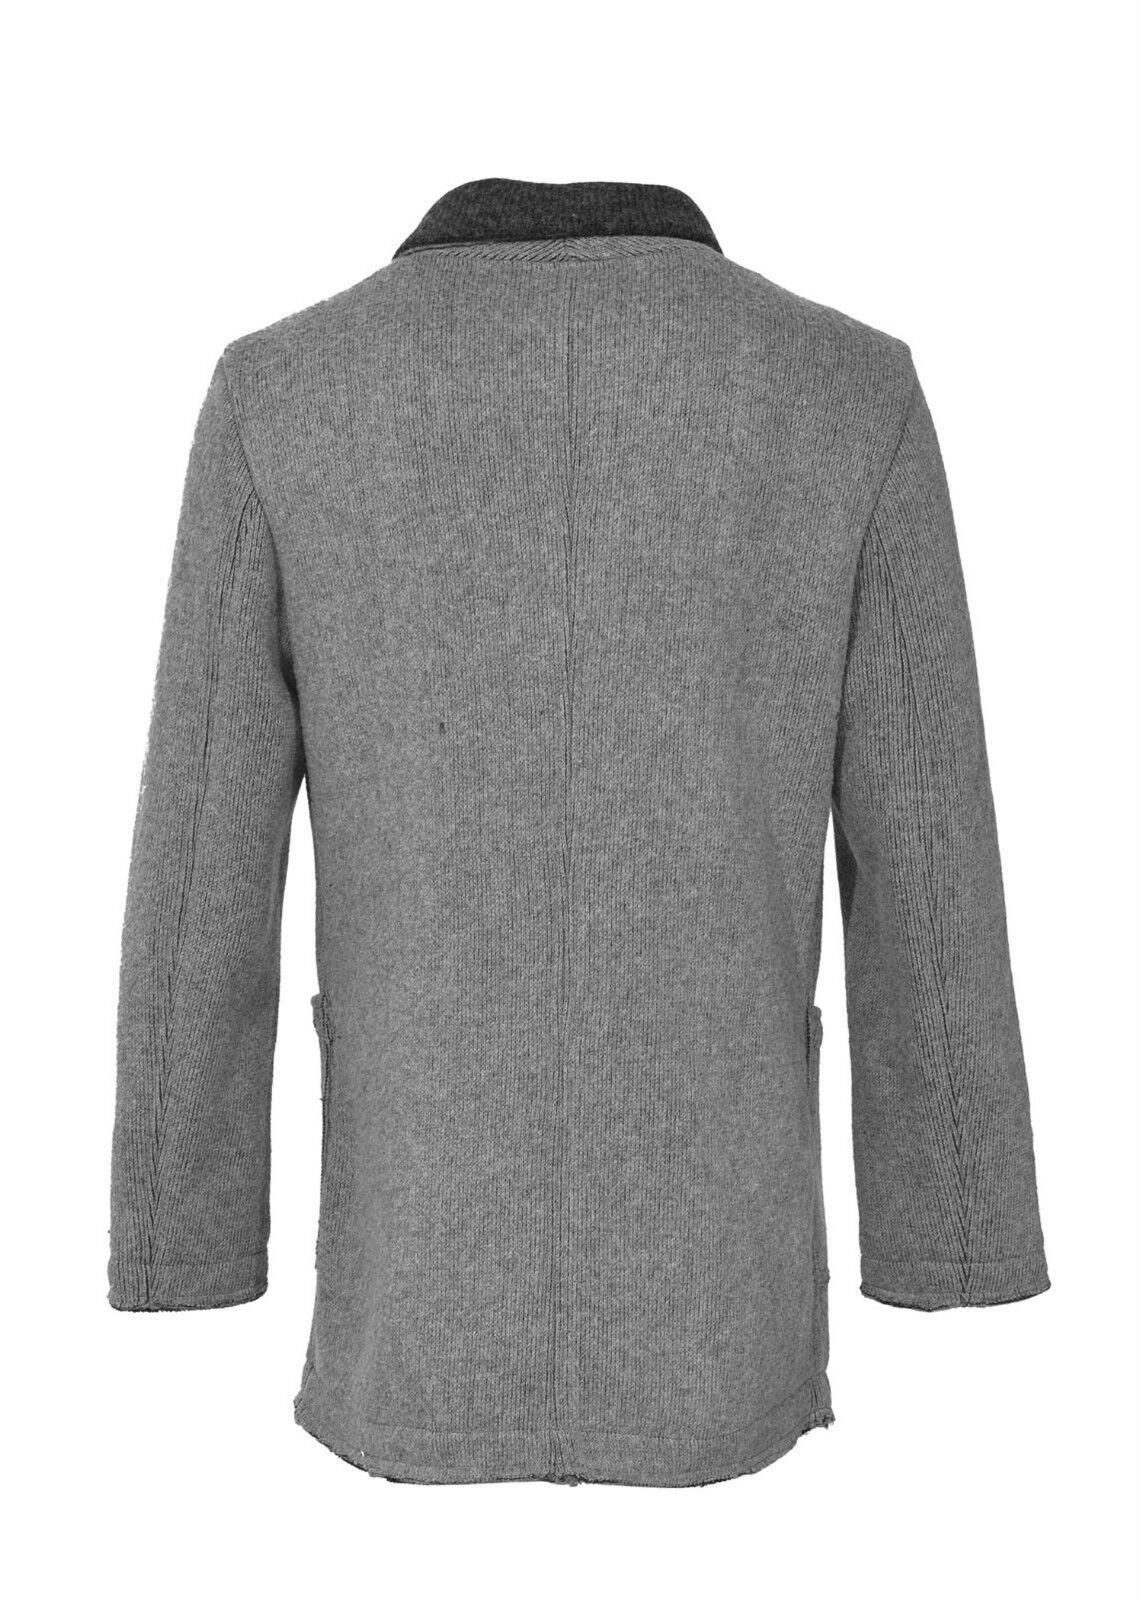 YES ZEE by ESSENZA Cappotto in monopetto lana bicolore chiusura monopetto in con bottoni 99a1fb